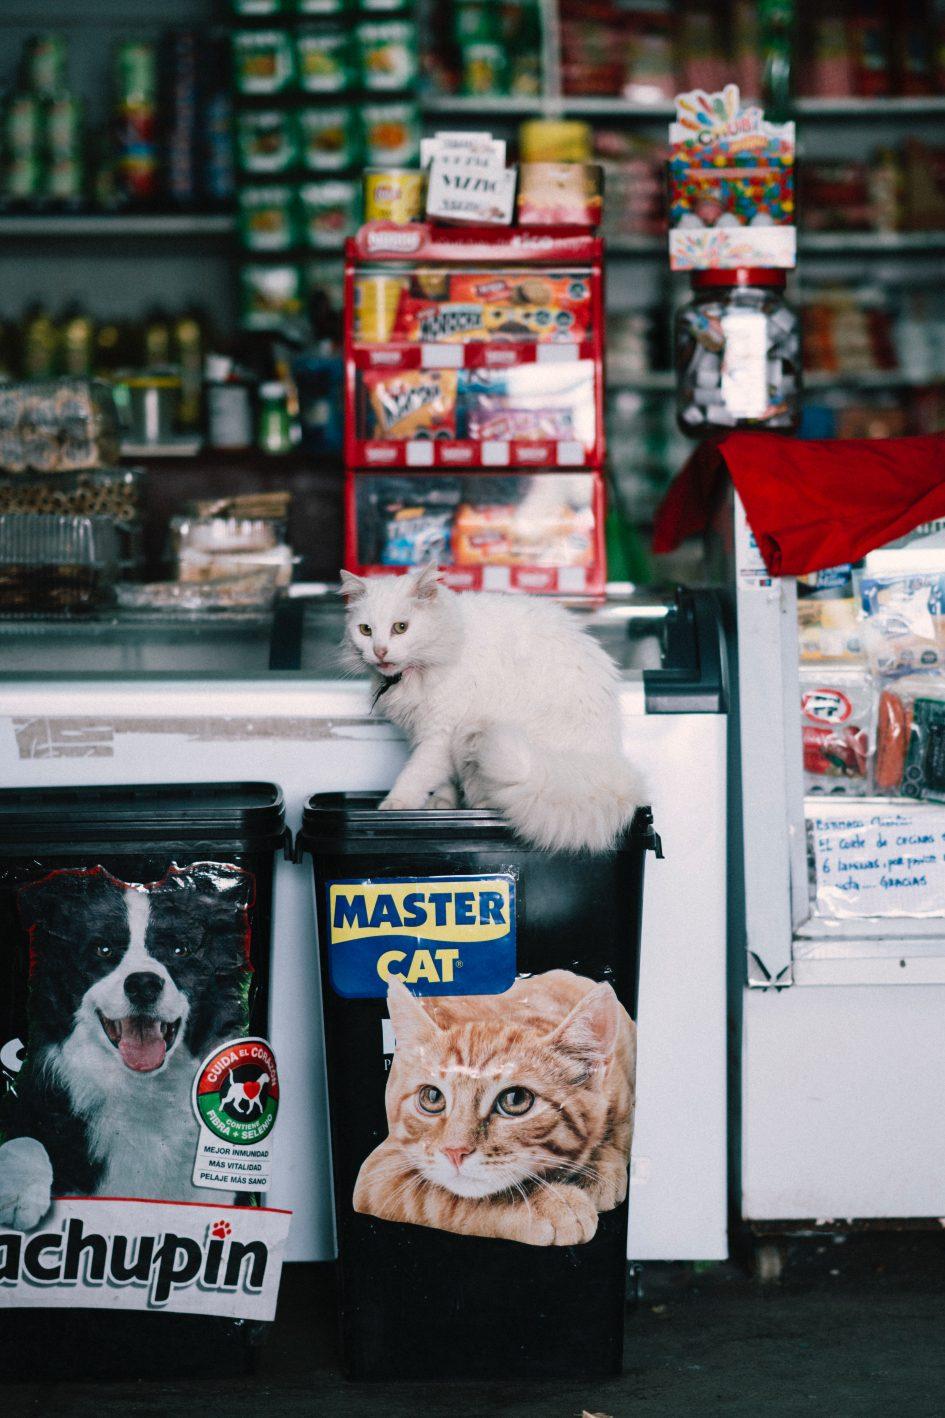 ร้านขายอาหารสัตว์เลี้ยง